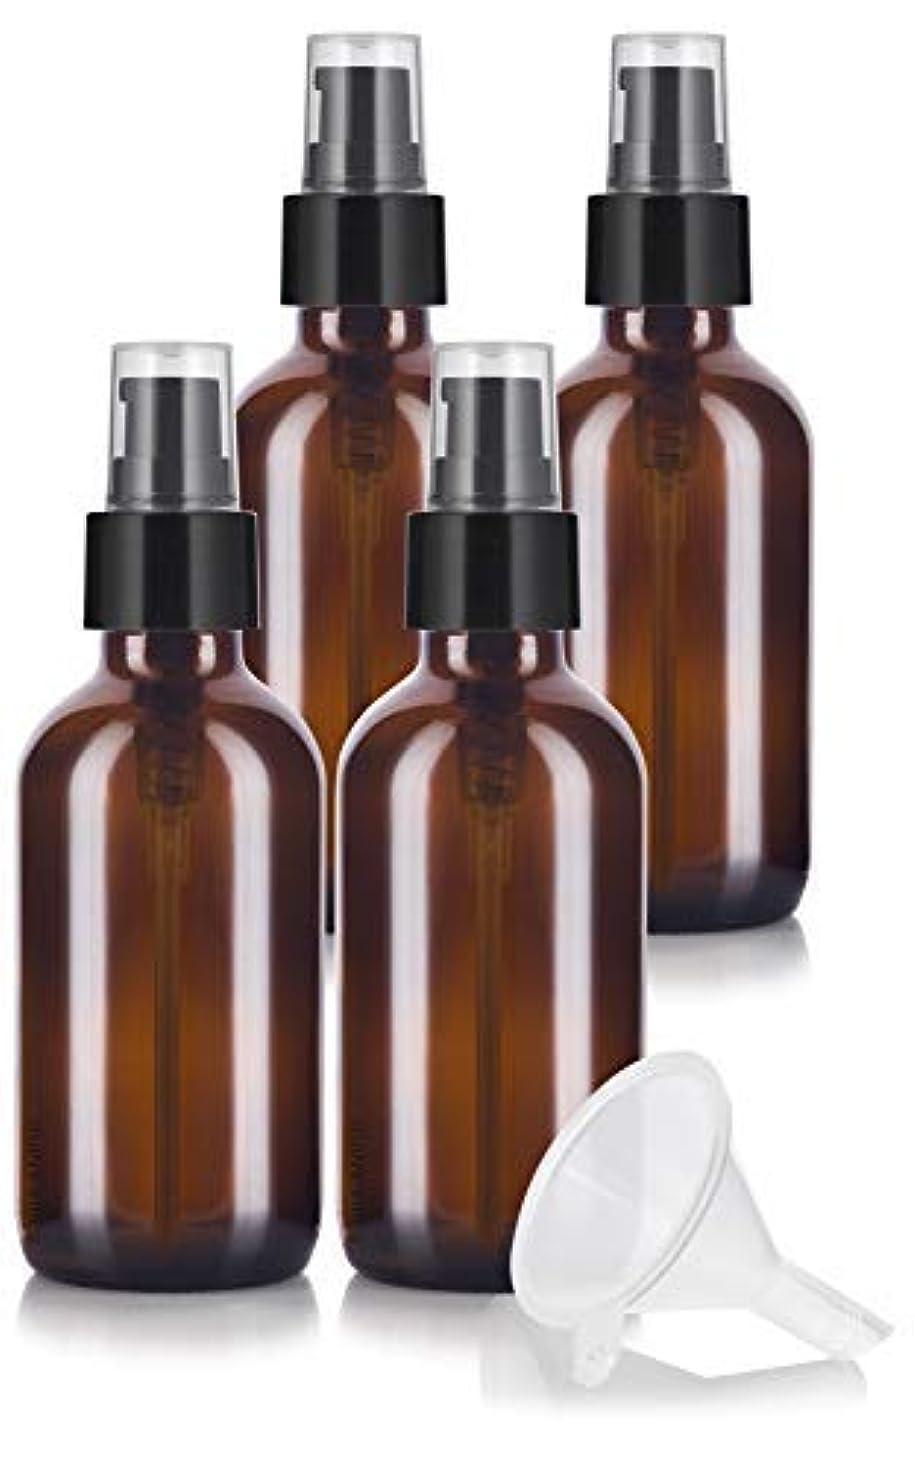 ブレーク出口興奮4 oz Amber Glass Boston Round Treatment Pump Bottle (4 pack) + Funnel and Labels for essential oils, aromatherapy...